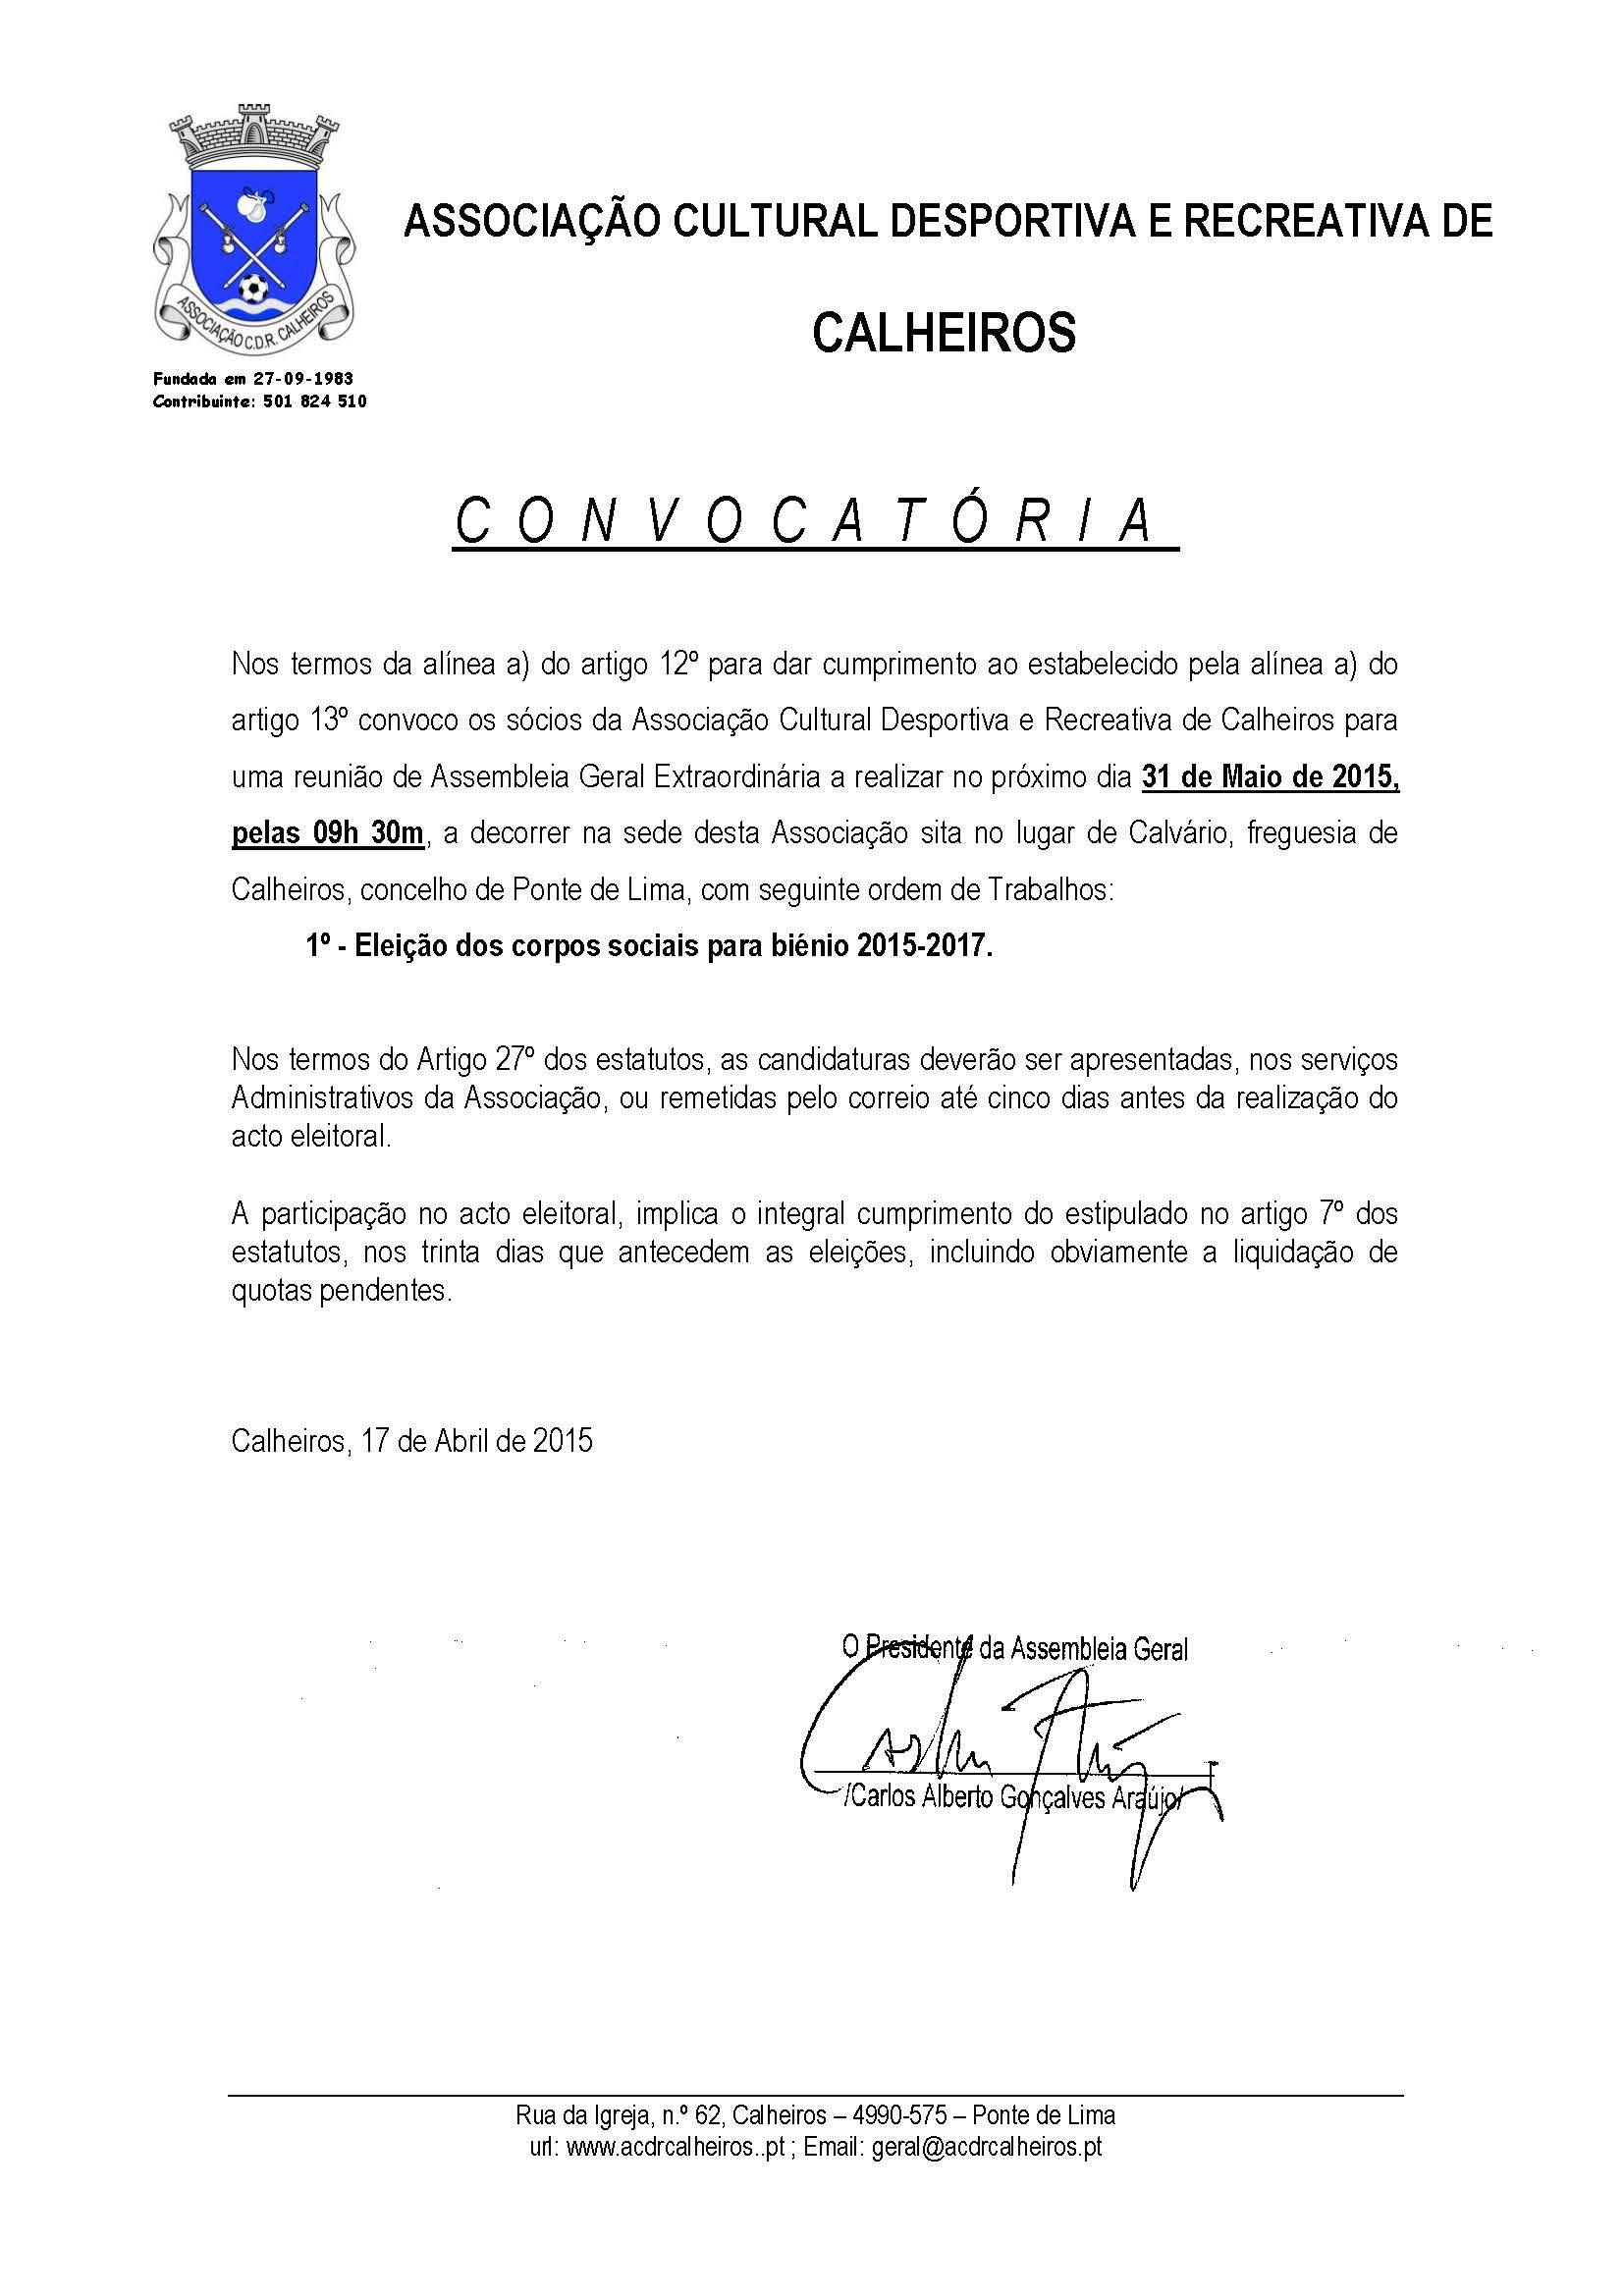 ACDR_CONVOCA Eleições.jpg